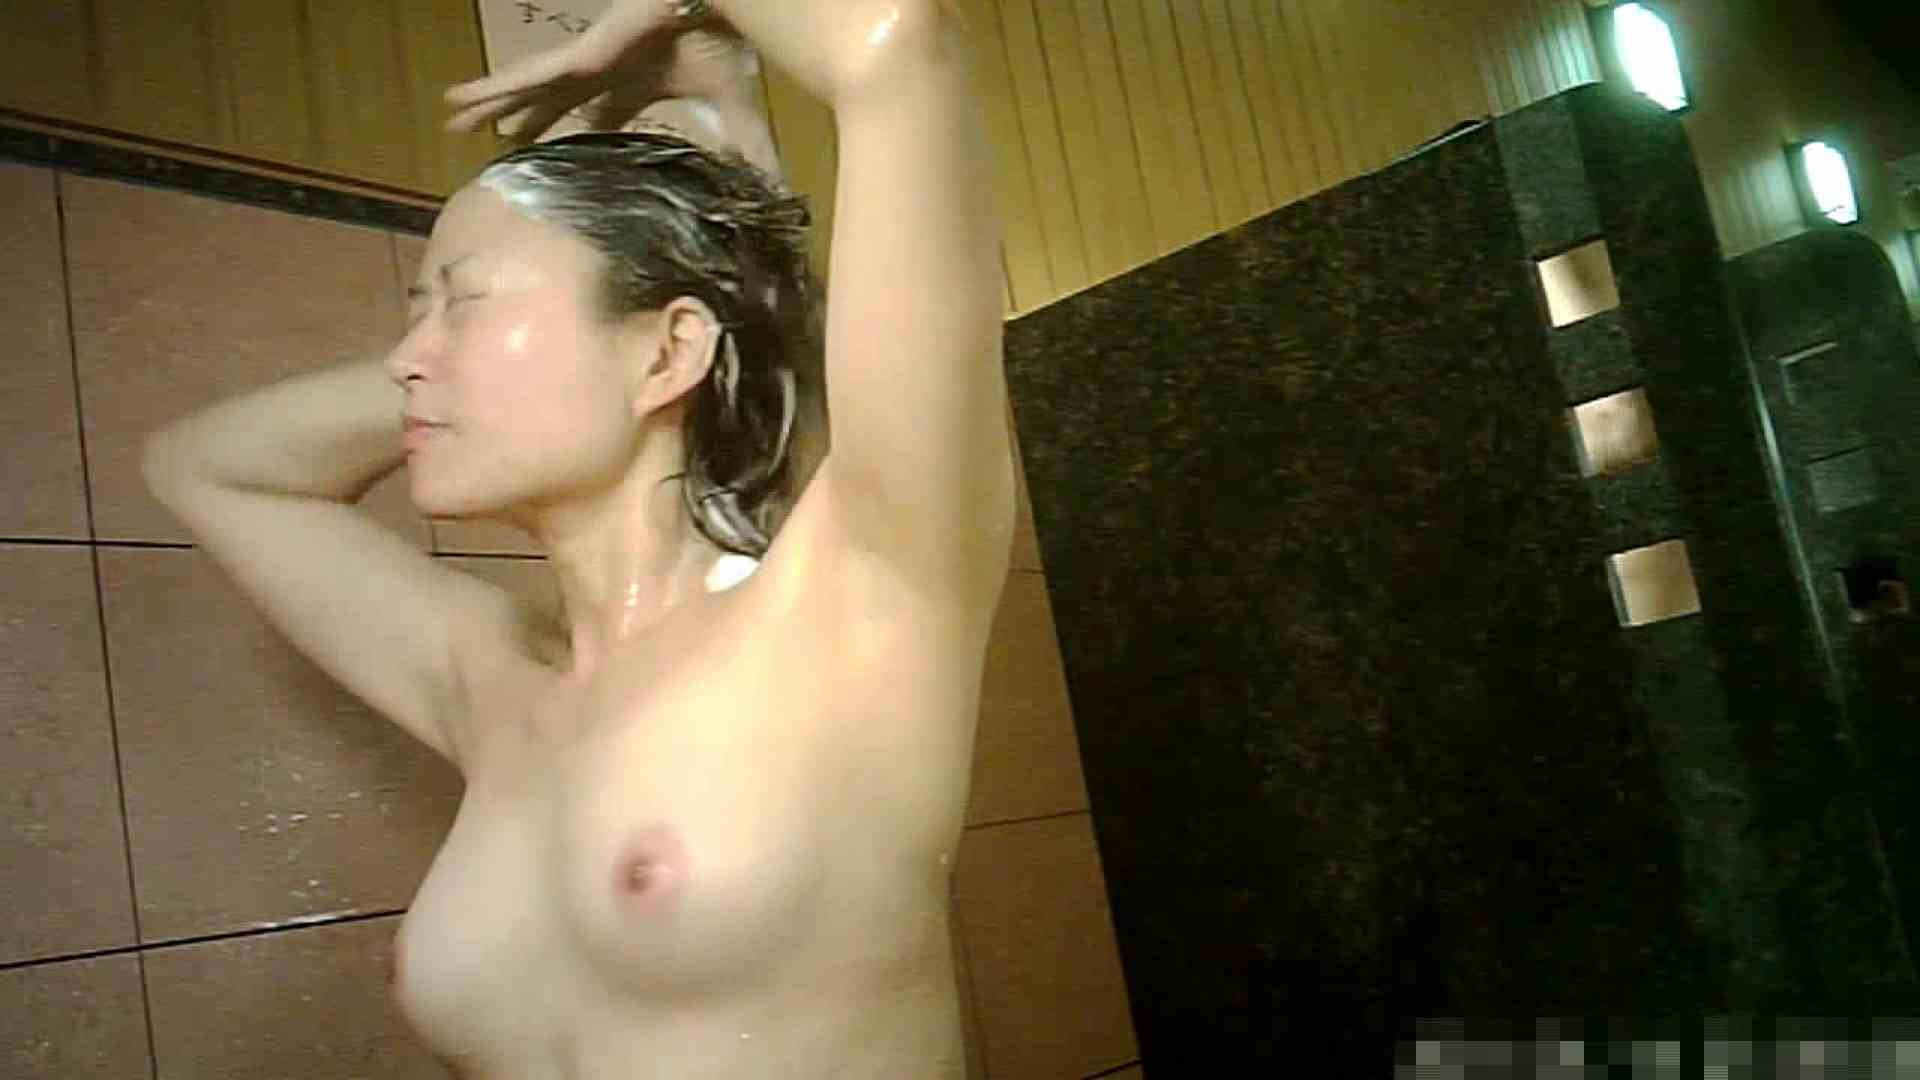 手を染めてしまった女性盗撮師の女風呂潜入記 vol.001 銭湯 覗き性交動画流出 48画像 13